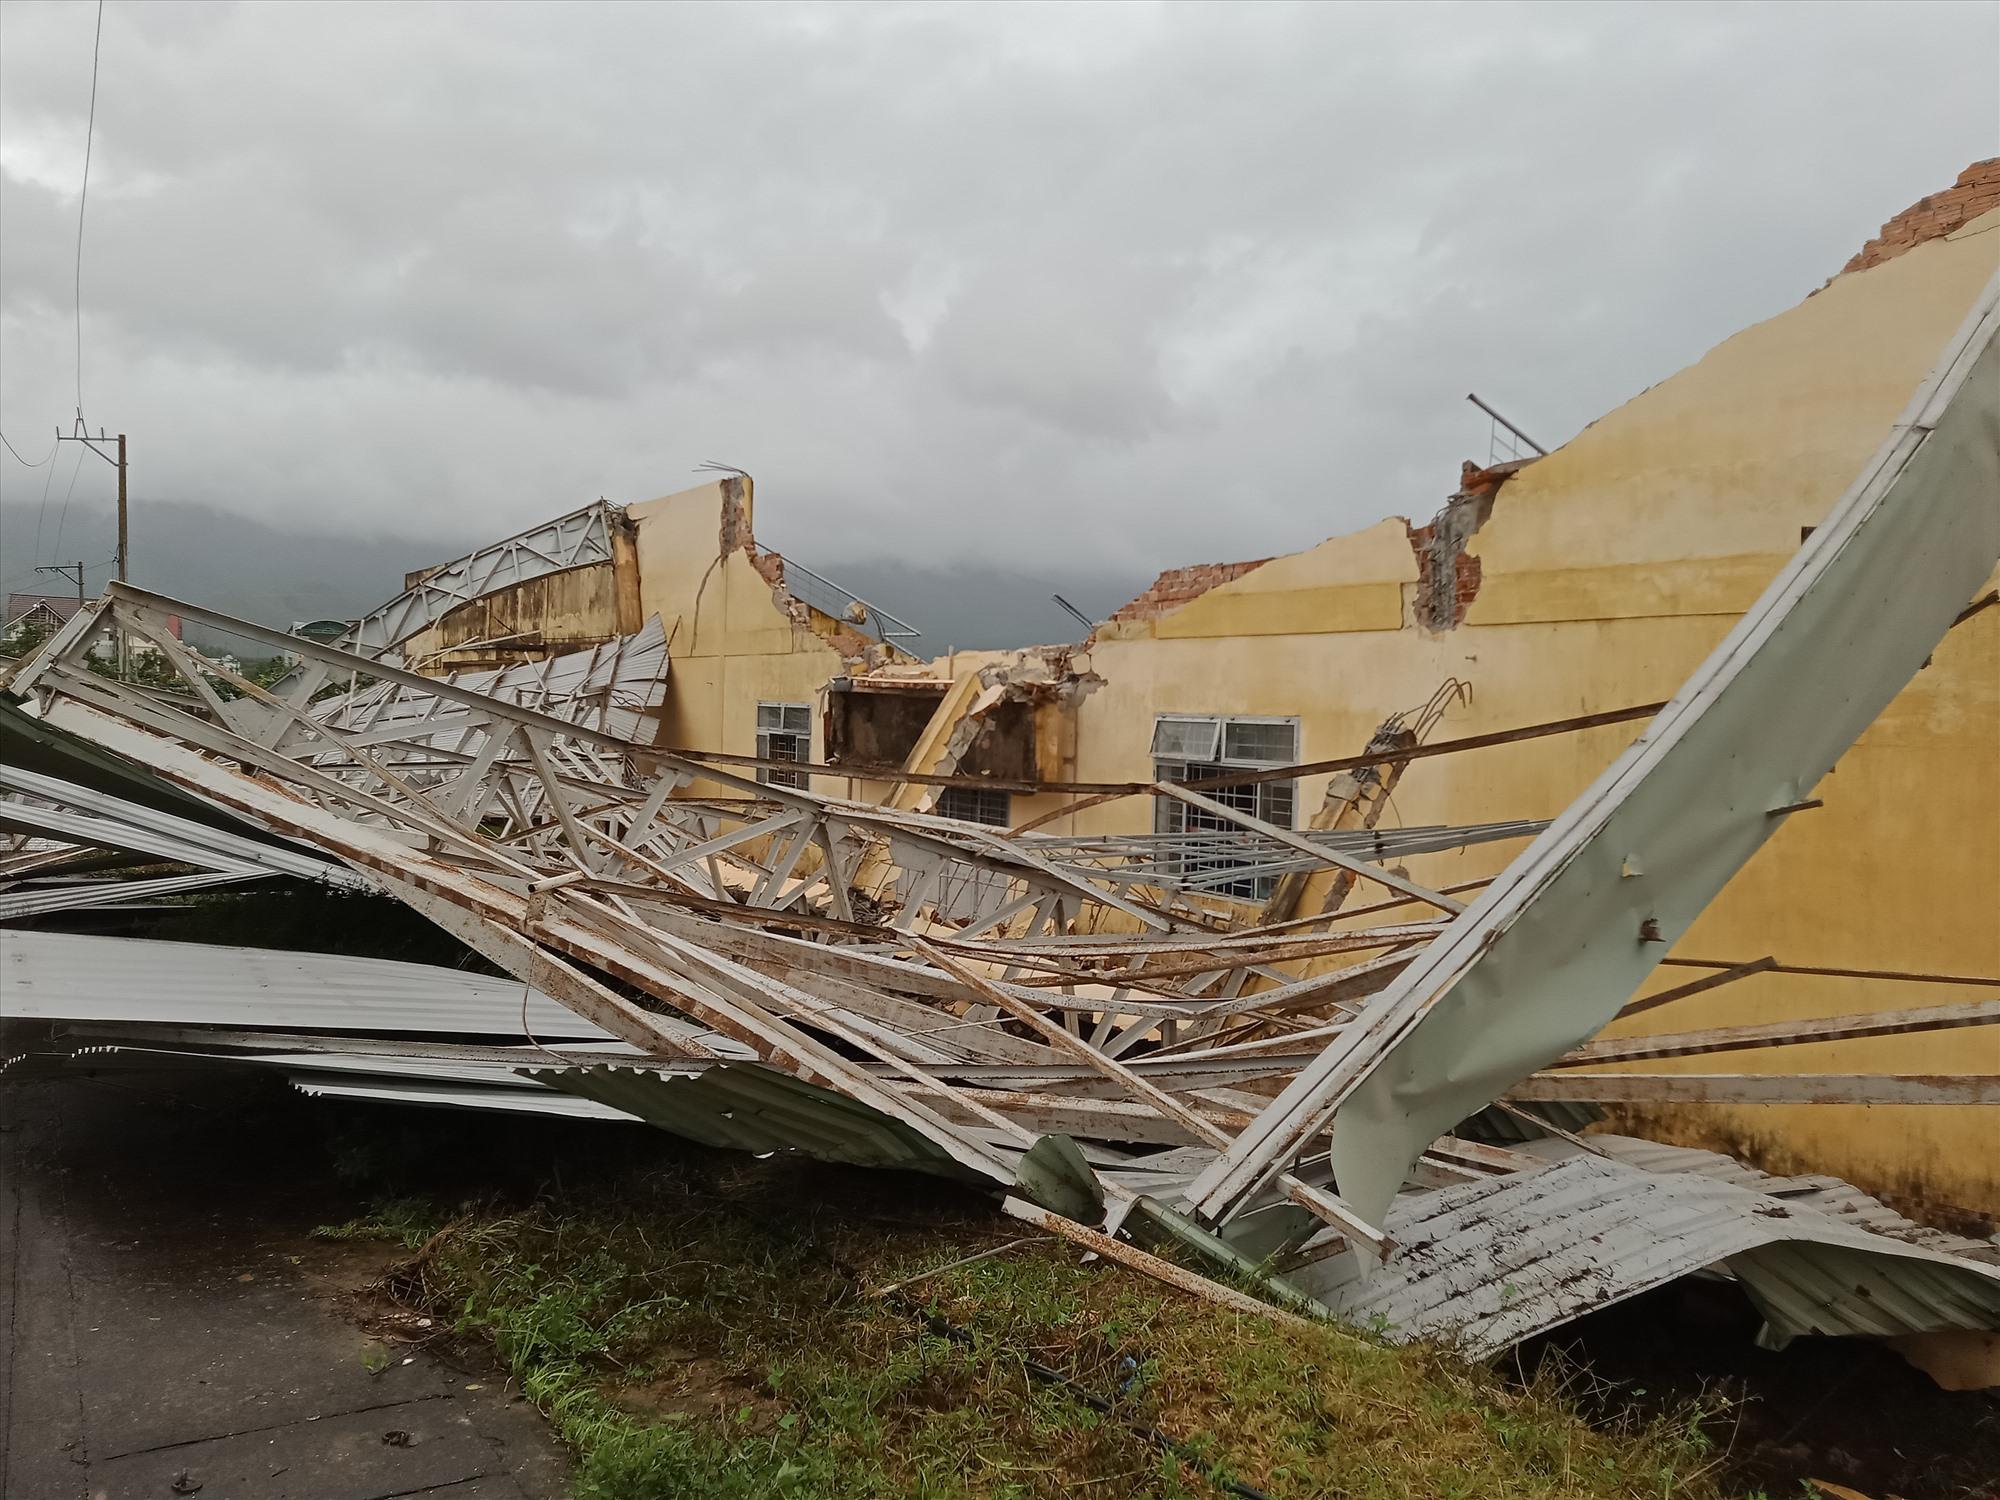 Nhà thi đấu đa năng, sân vận động huyện Hiệp Đức bị thiệt hại nghiêm trọng. Ảnh: VĂN MINH